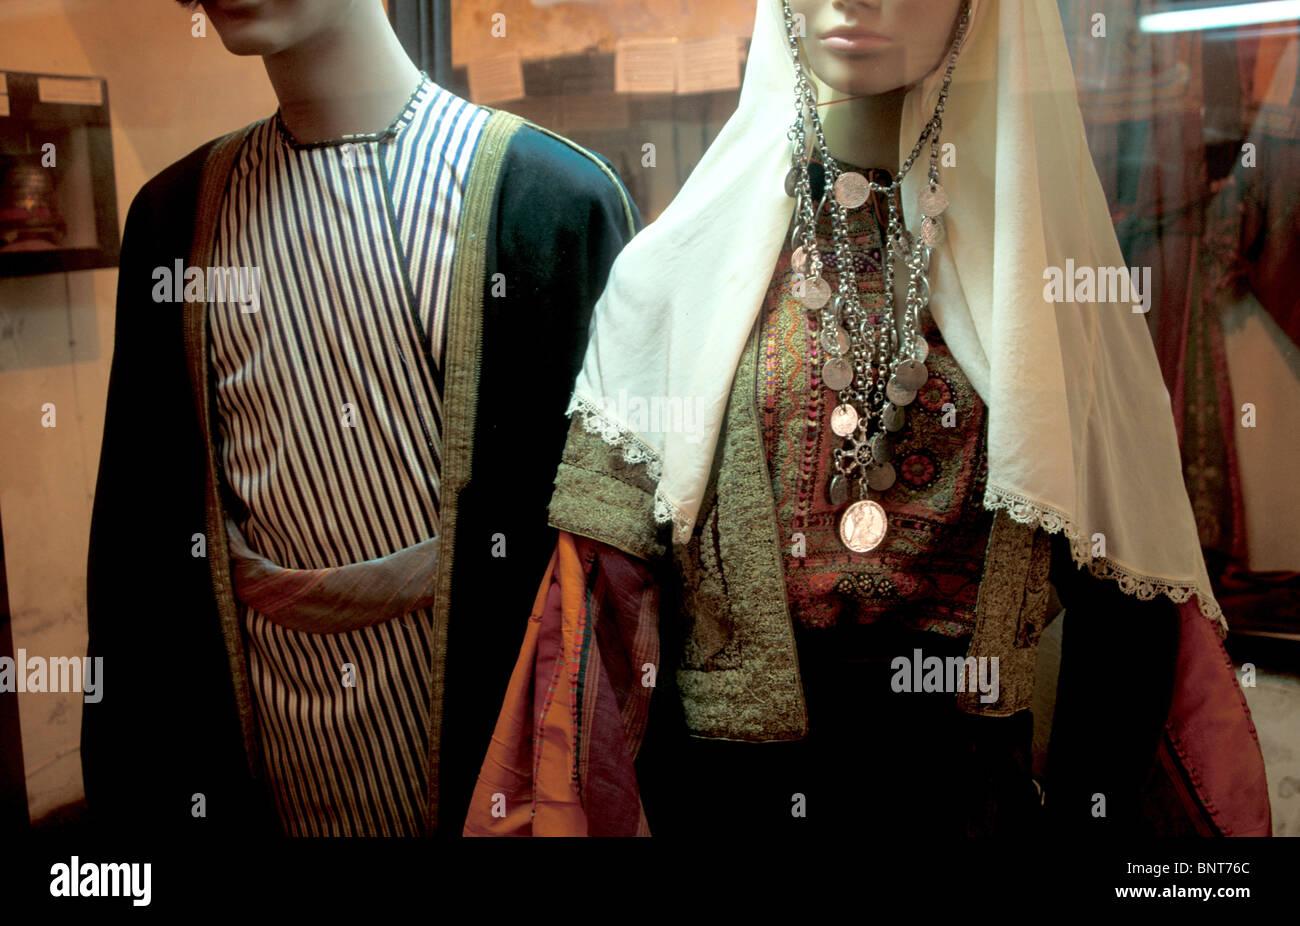 Vecchia Betlemme Museo del Folclore di donne arabe europea. Un tradizionale abbigliamento palestinese Immagini Stock